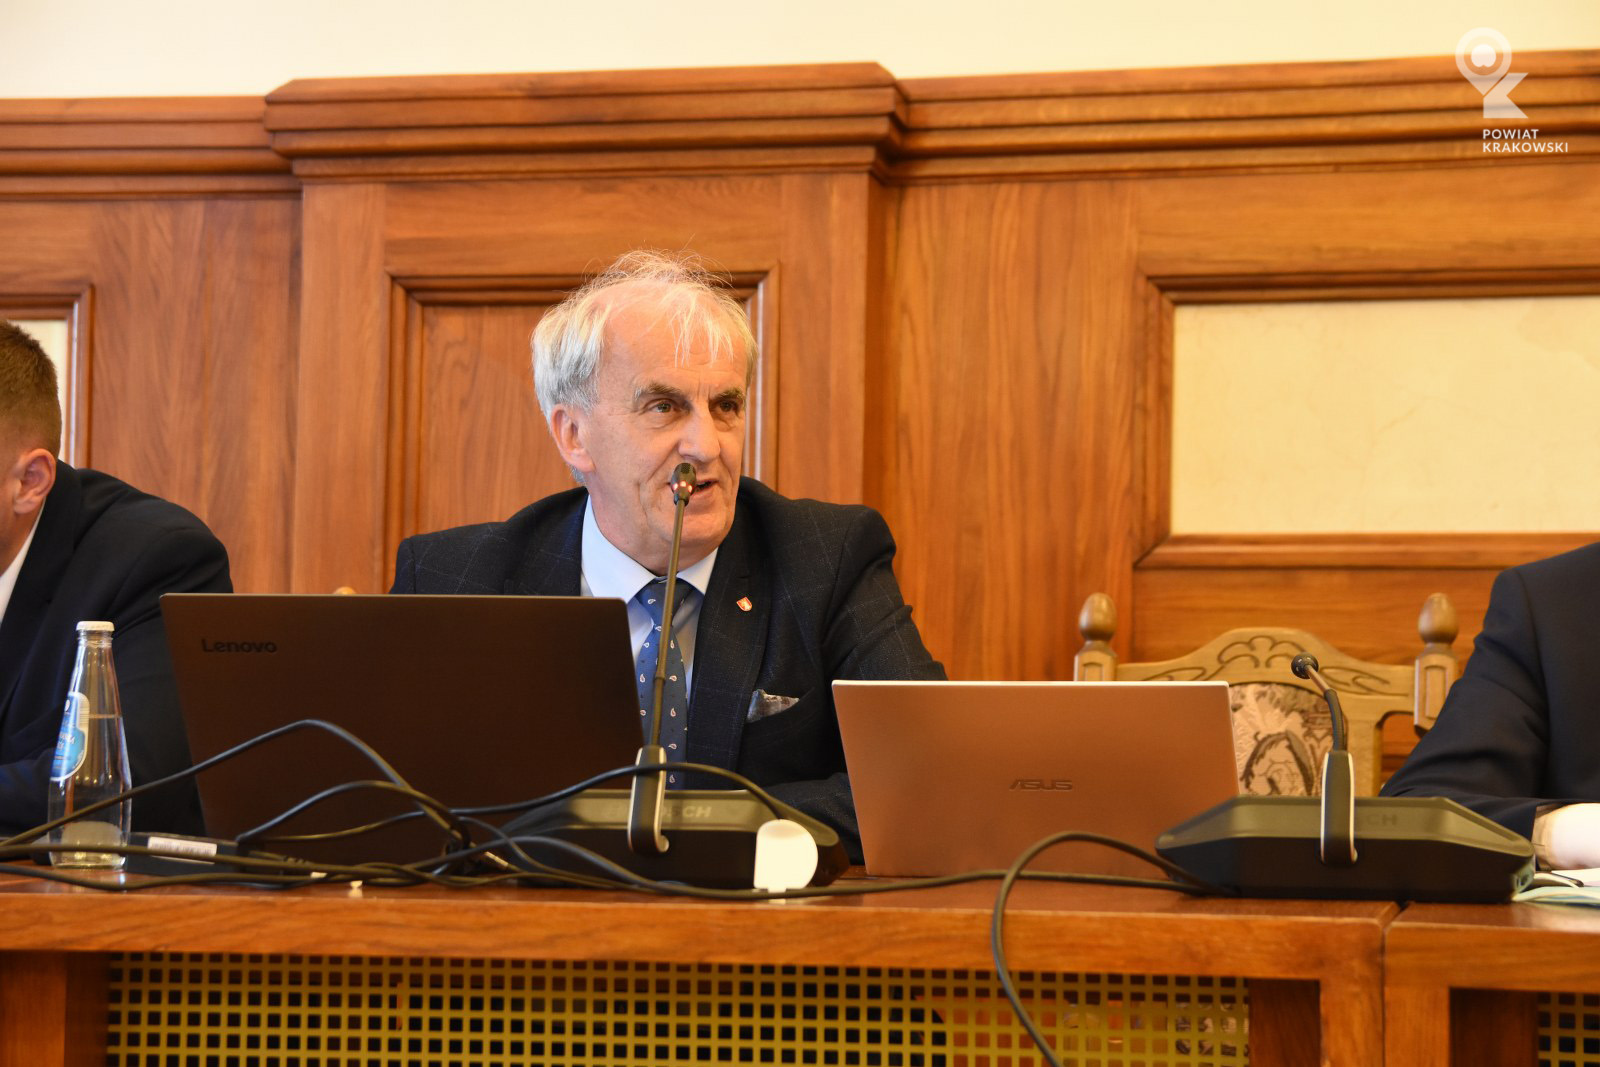 Radny Krzysztof Gębala siedzi za stołem, patrzy w bok. Przed nim otwarty laptop